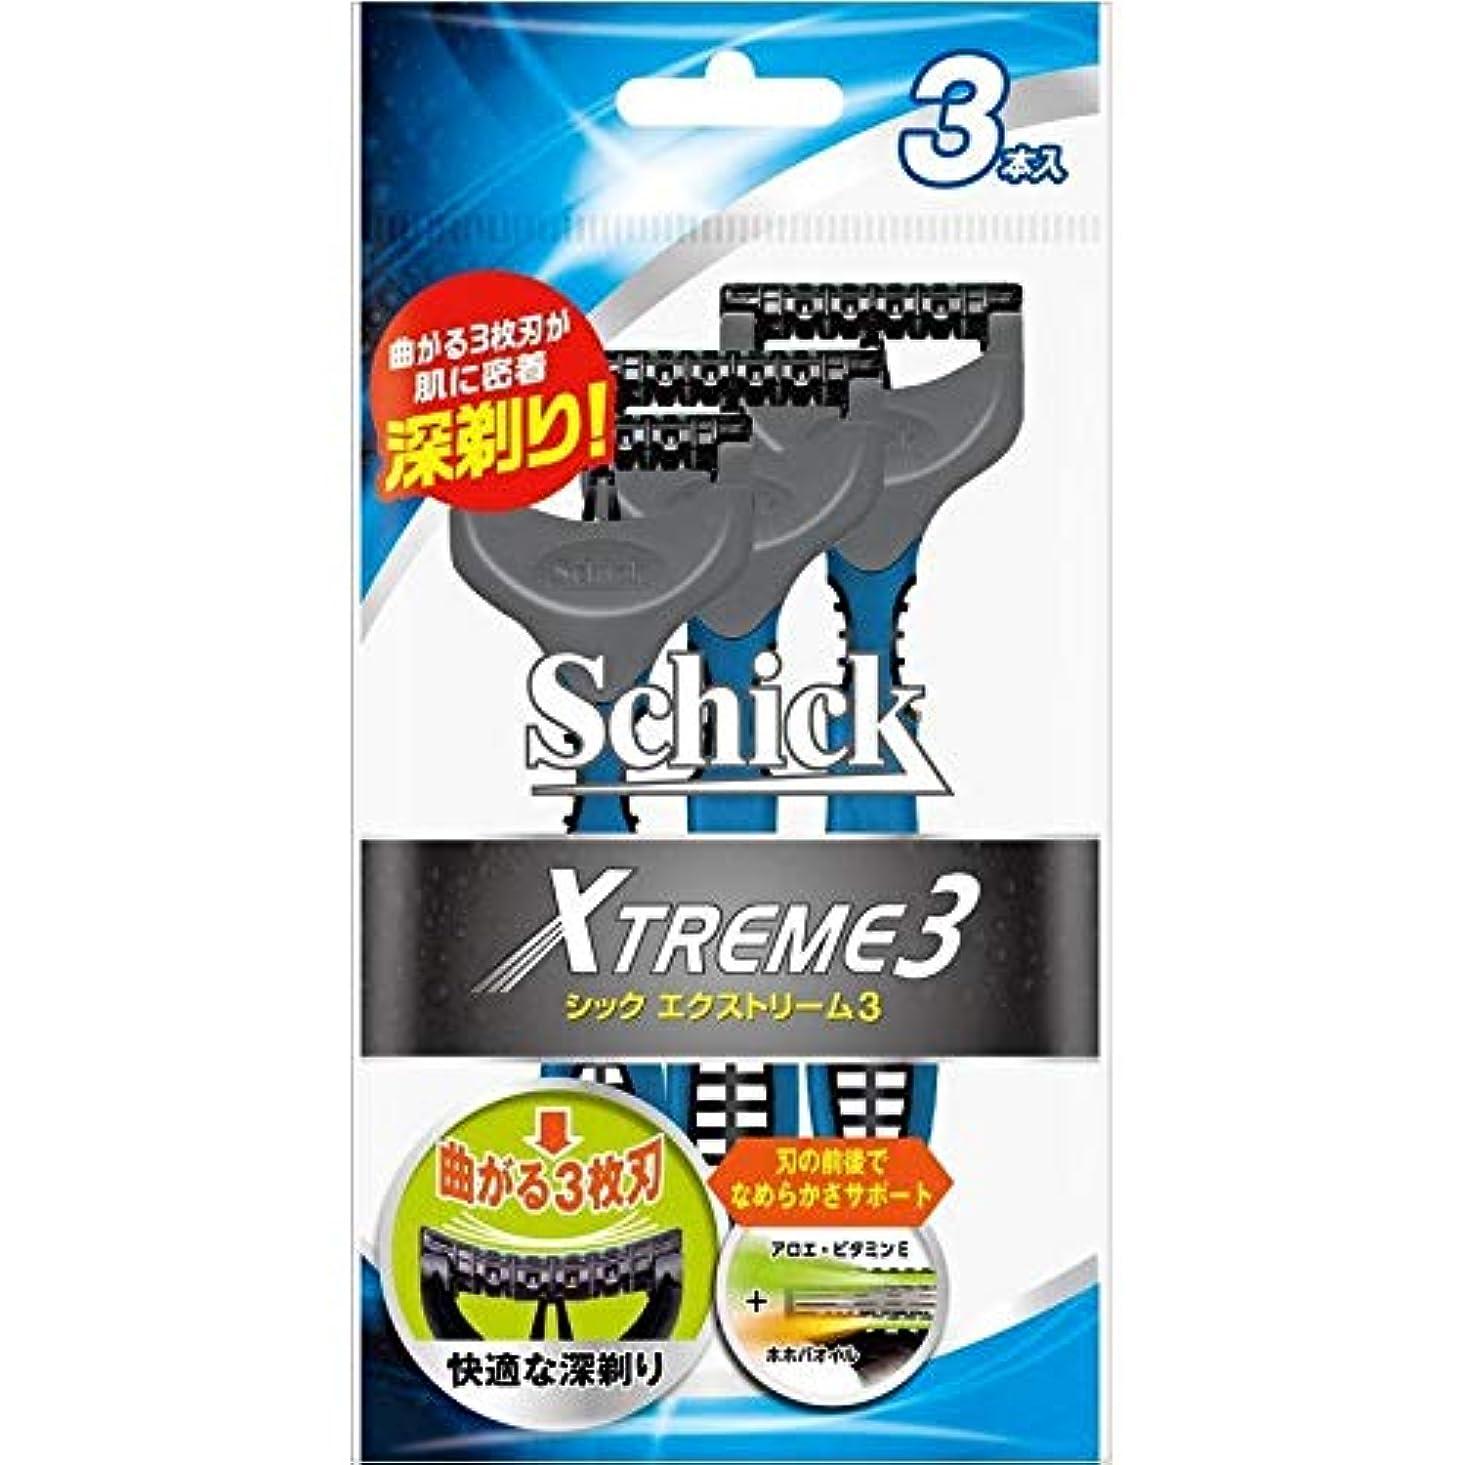 シック エクストリーム3 (3本入) 男性用カミソリ 10個セット